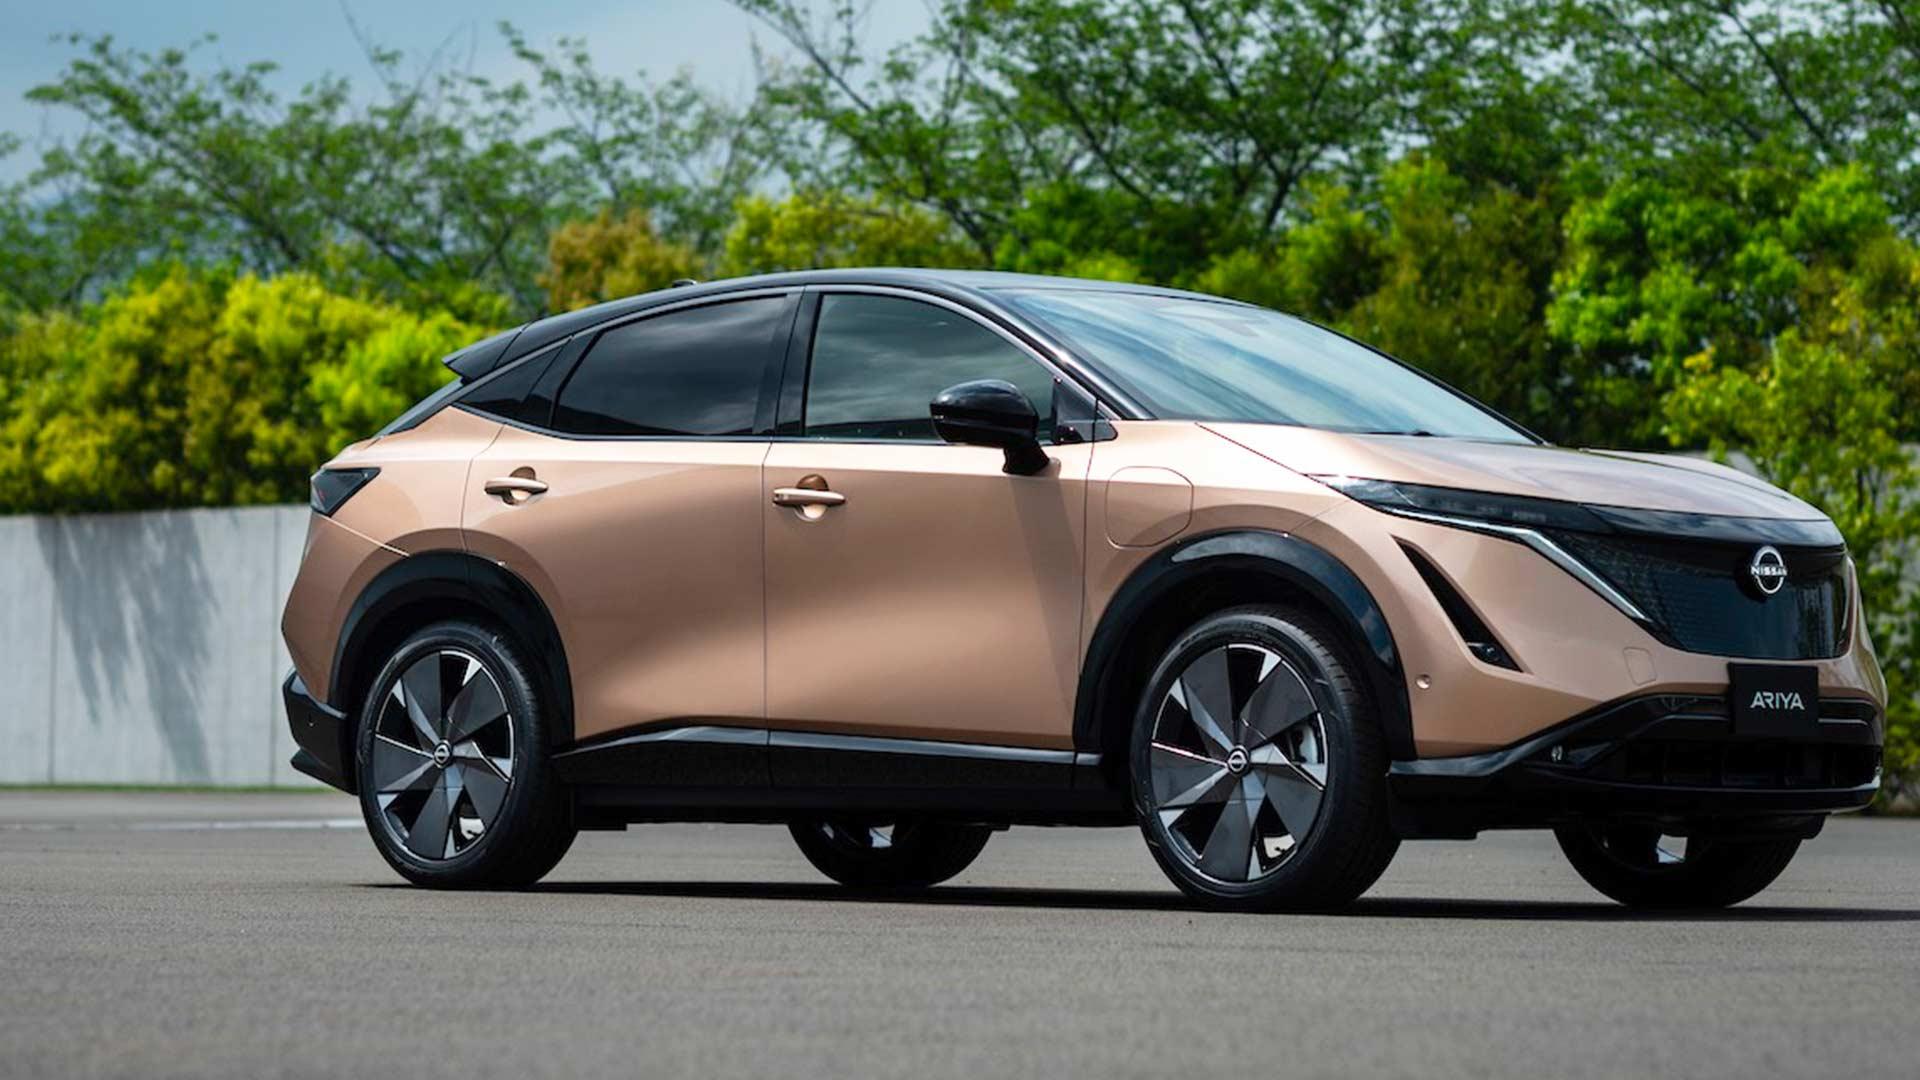 Ariya : un SUV électrique chez Nissan